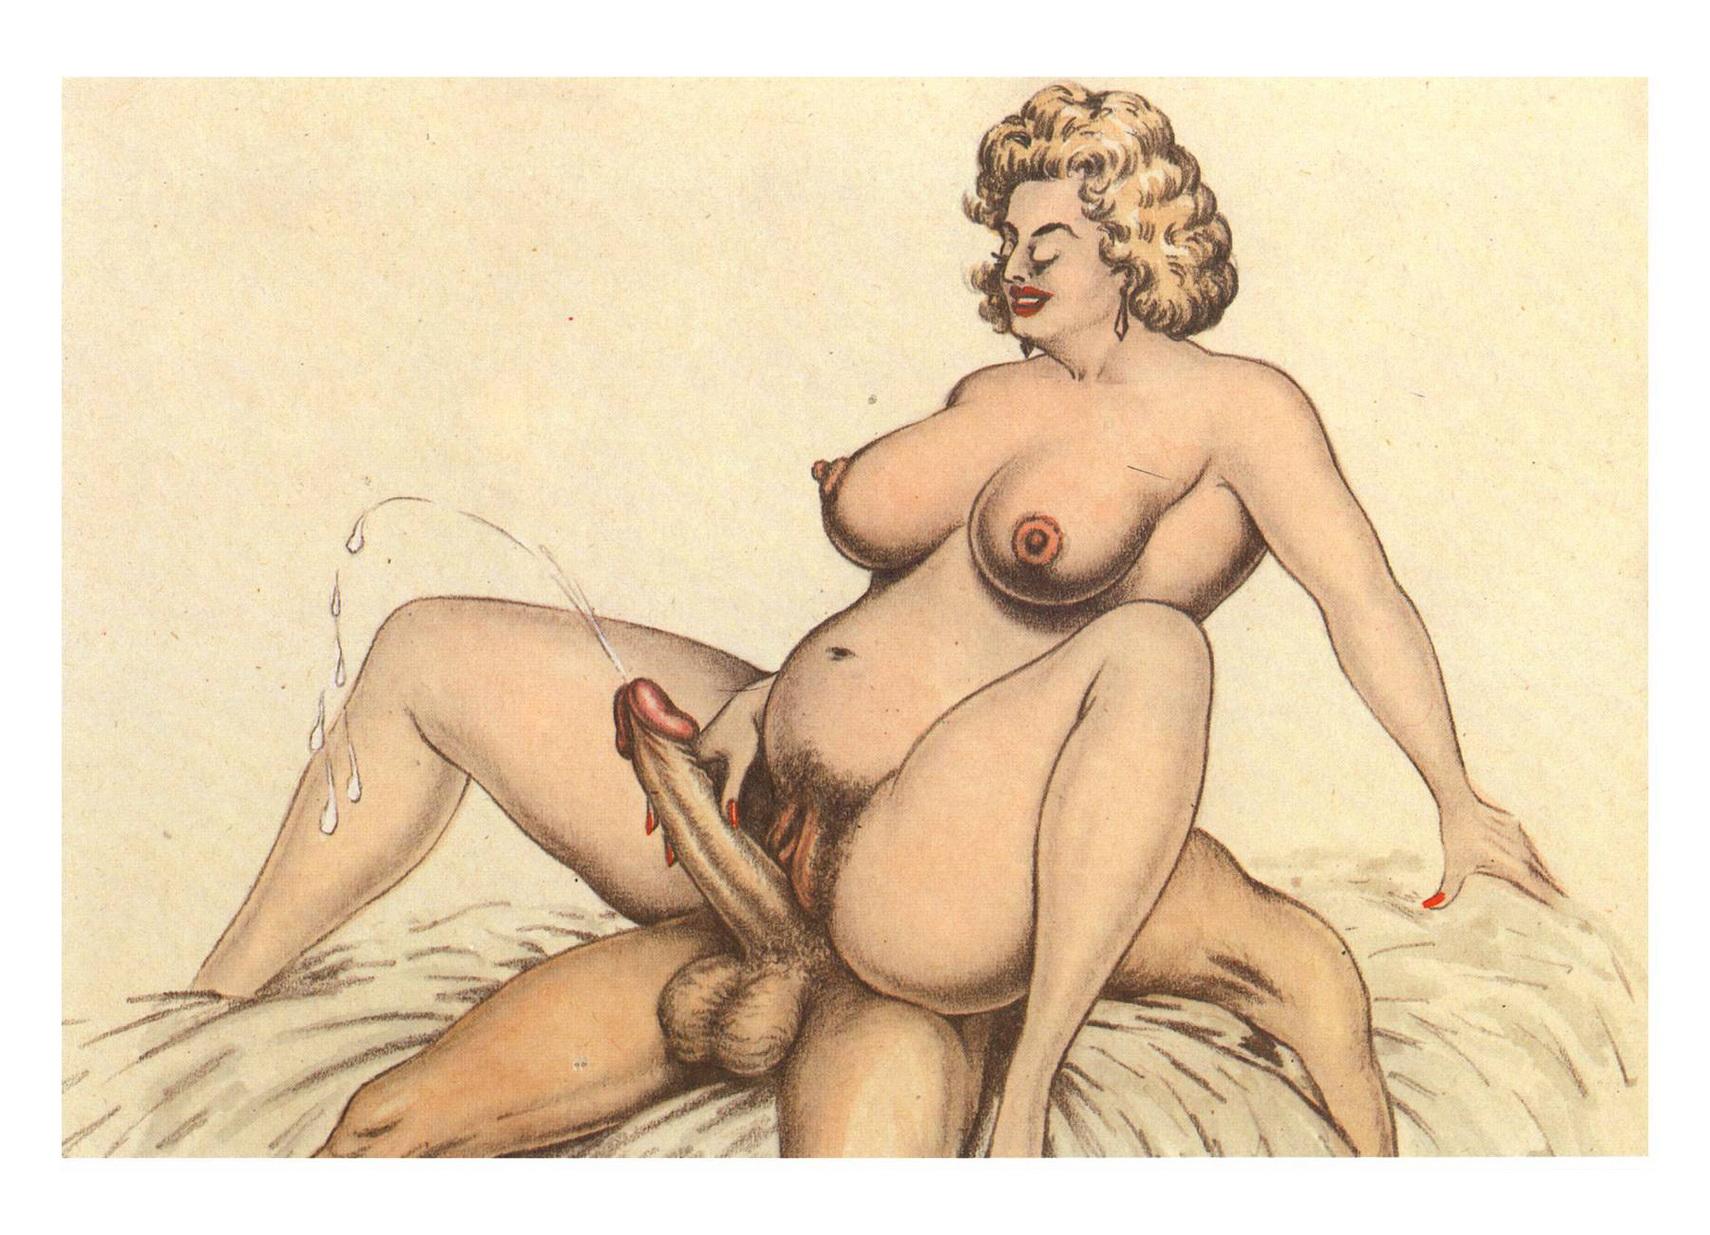 Сайт рисованной эротики